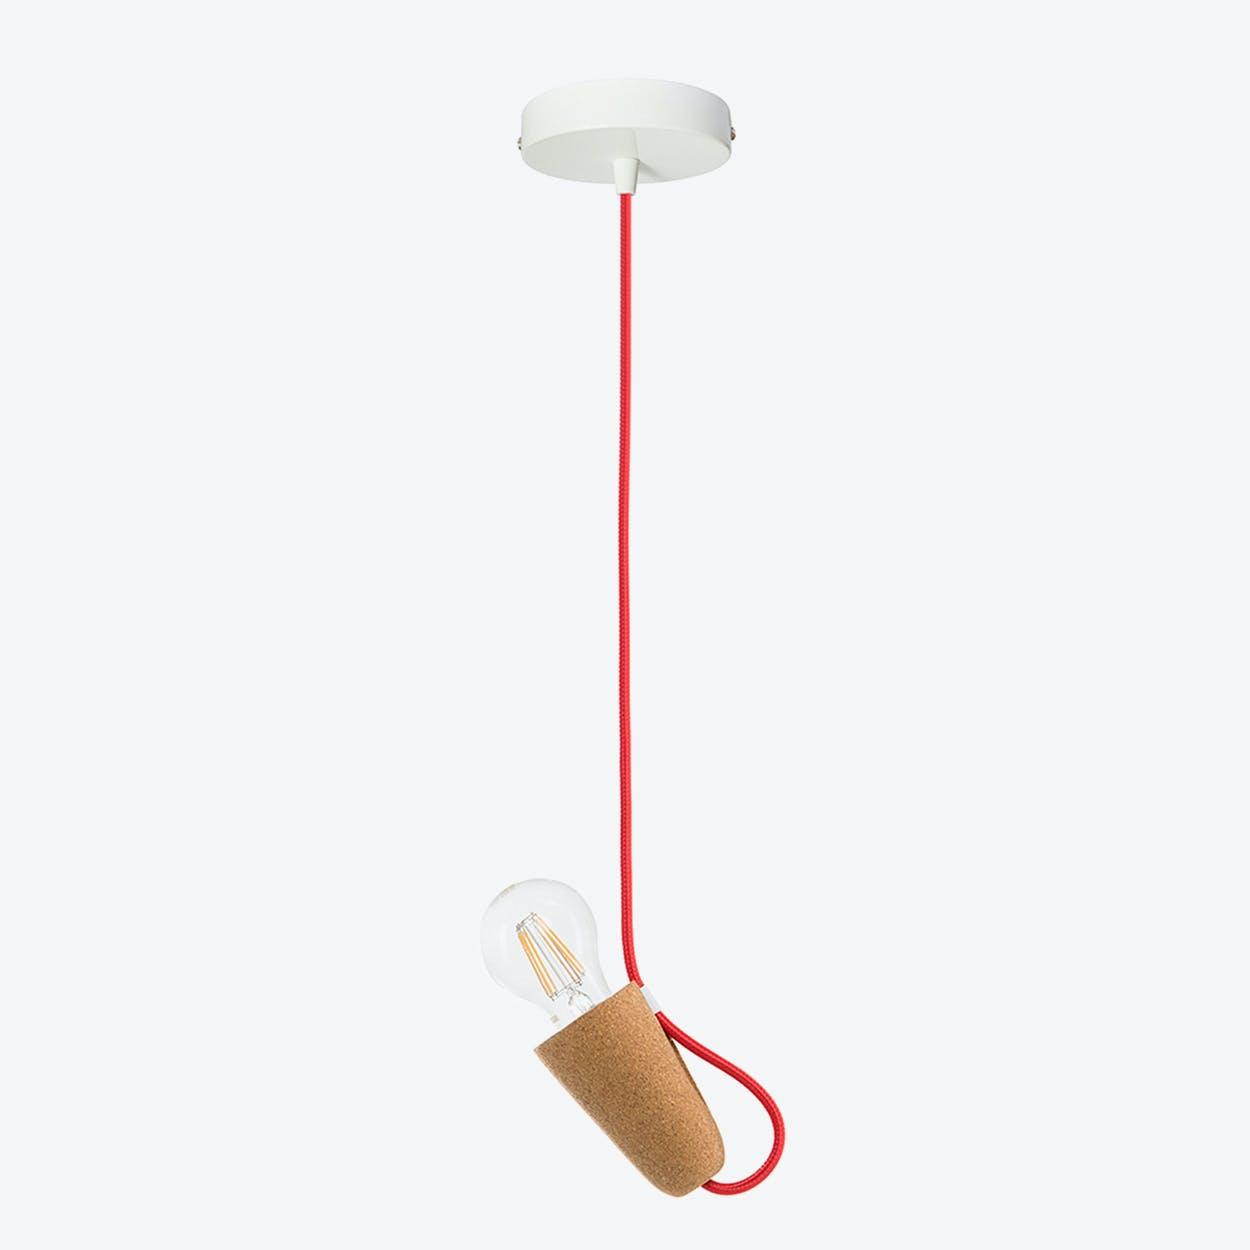 Sininho Pendant Lamp in Light Cork & Red